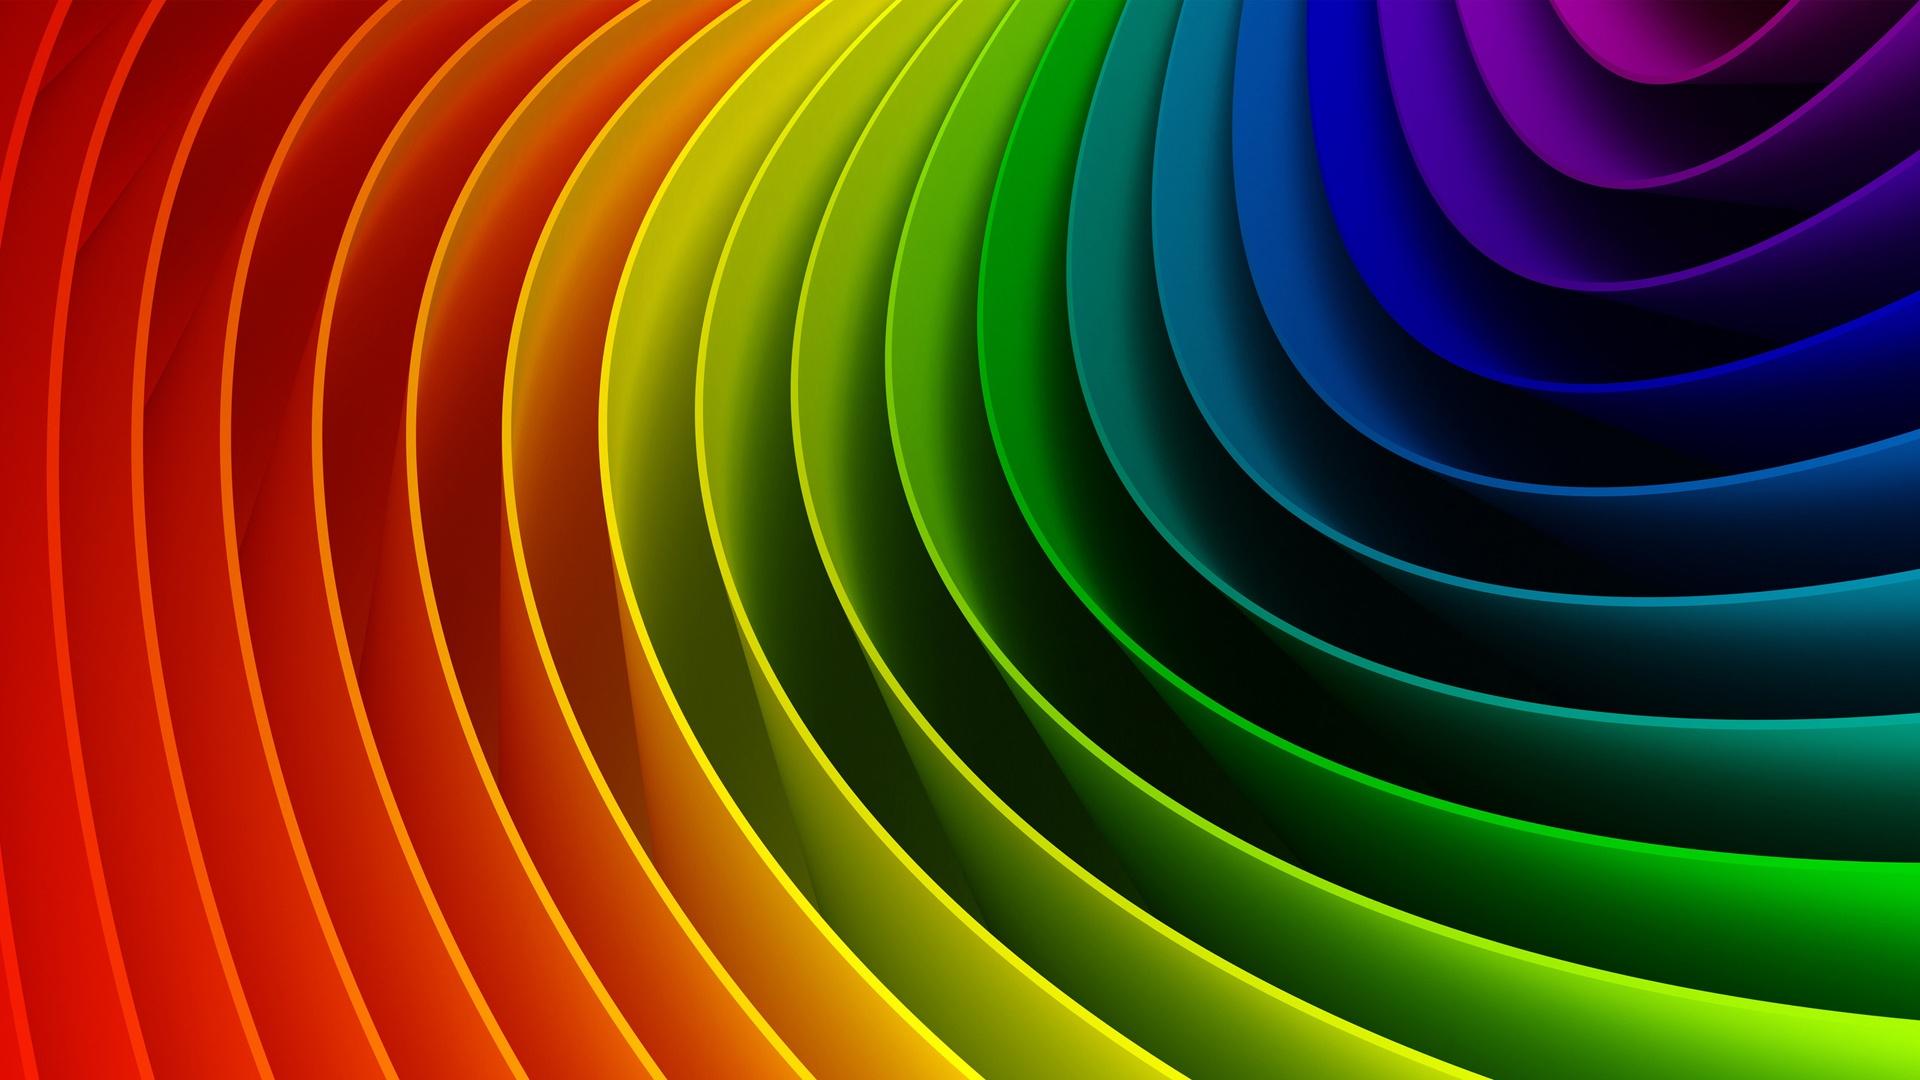 Desktop Color HD Wallpapers  PixelsTalkNet